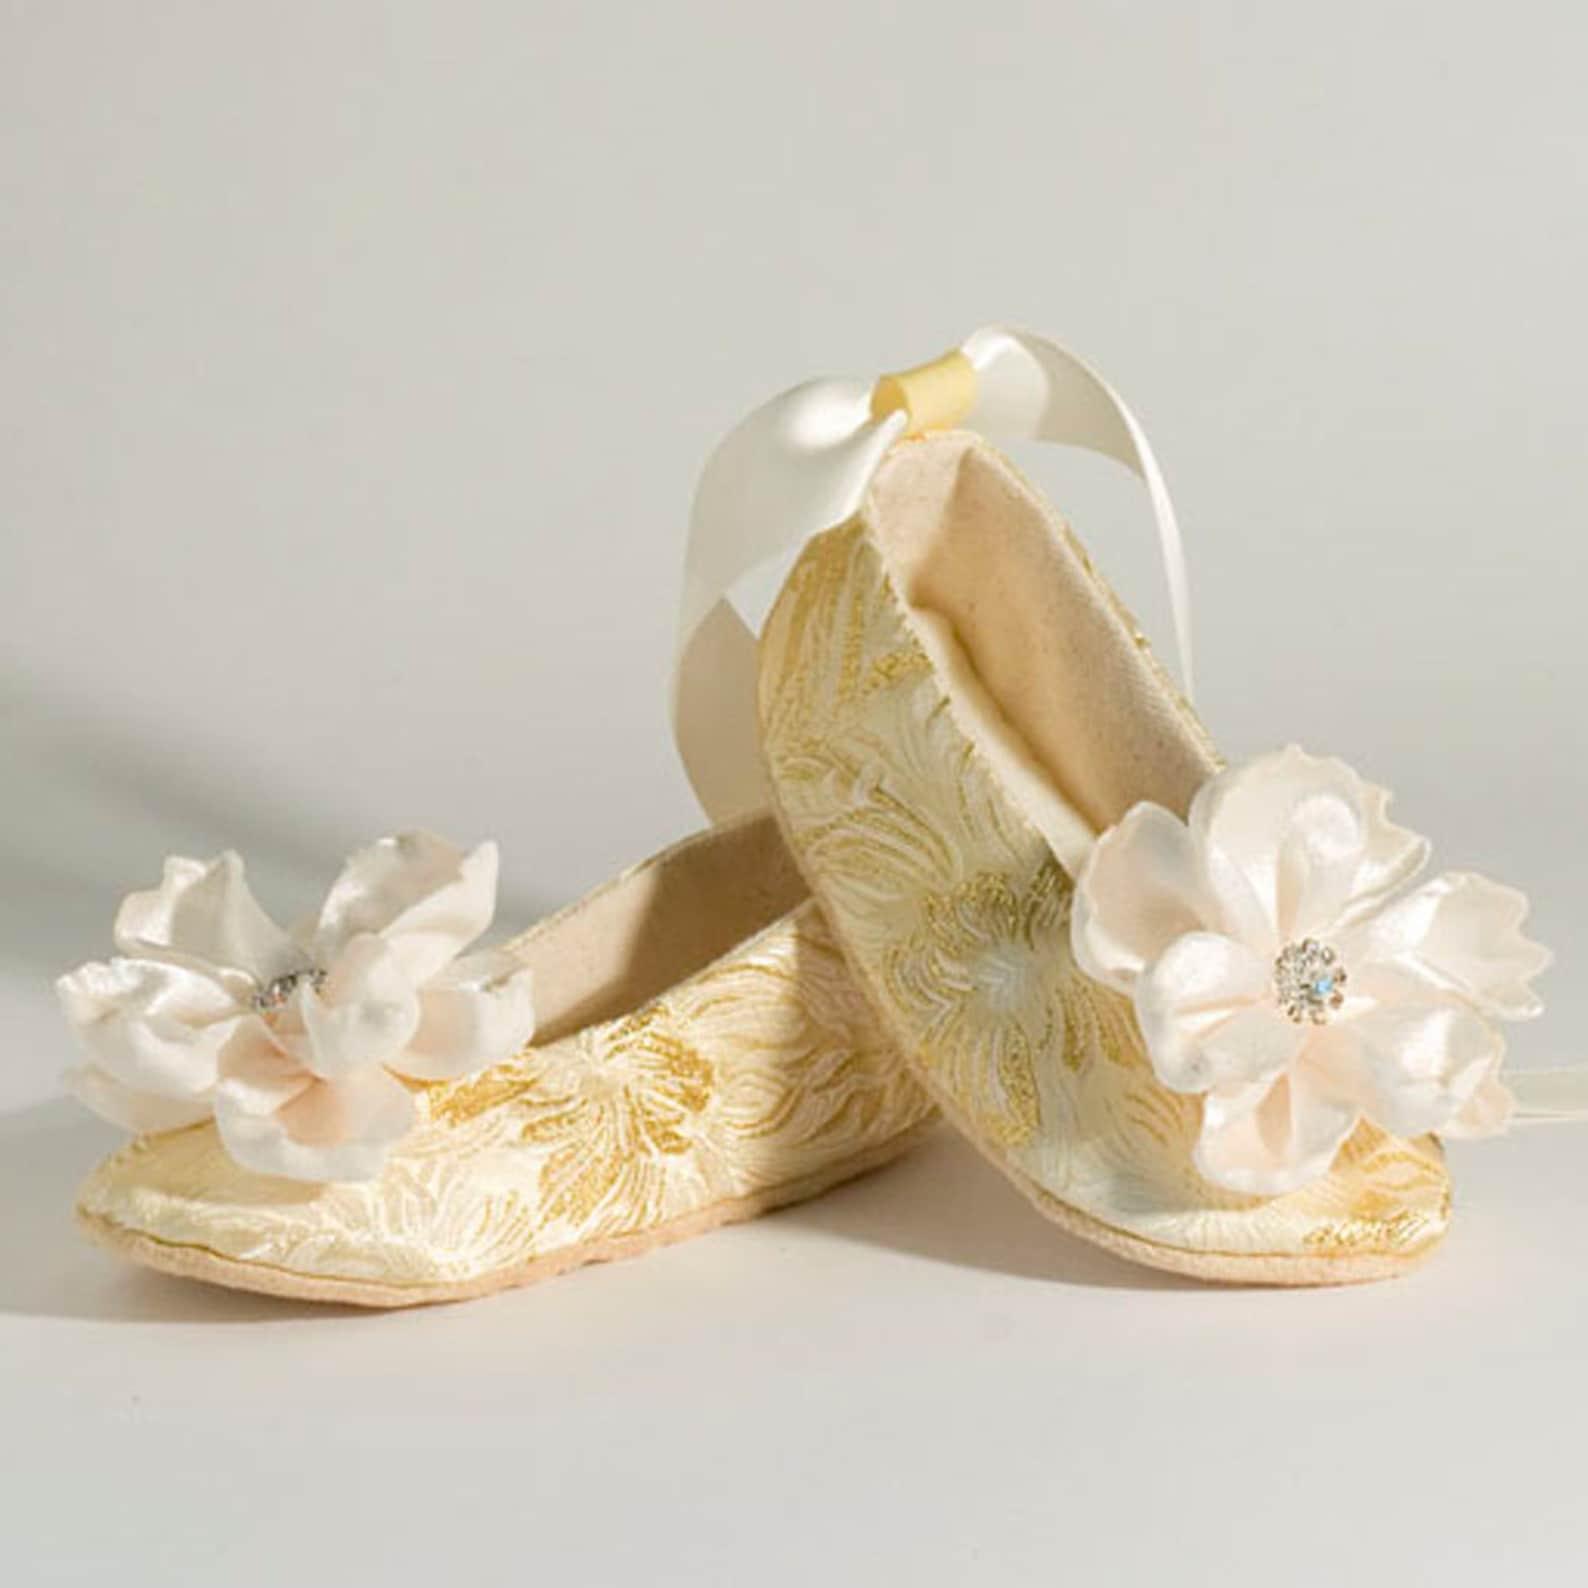 silver baby ballet slipper, toddler flower girl shoe in gold, ivory, white, pink, christening, little girl wedding shoe, dance,